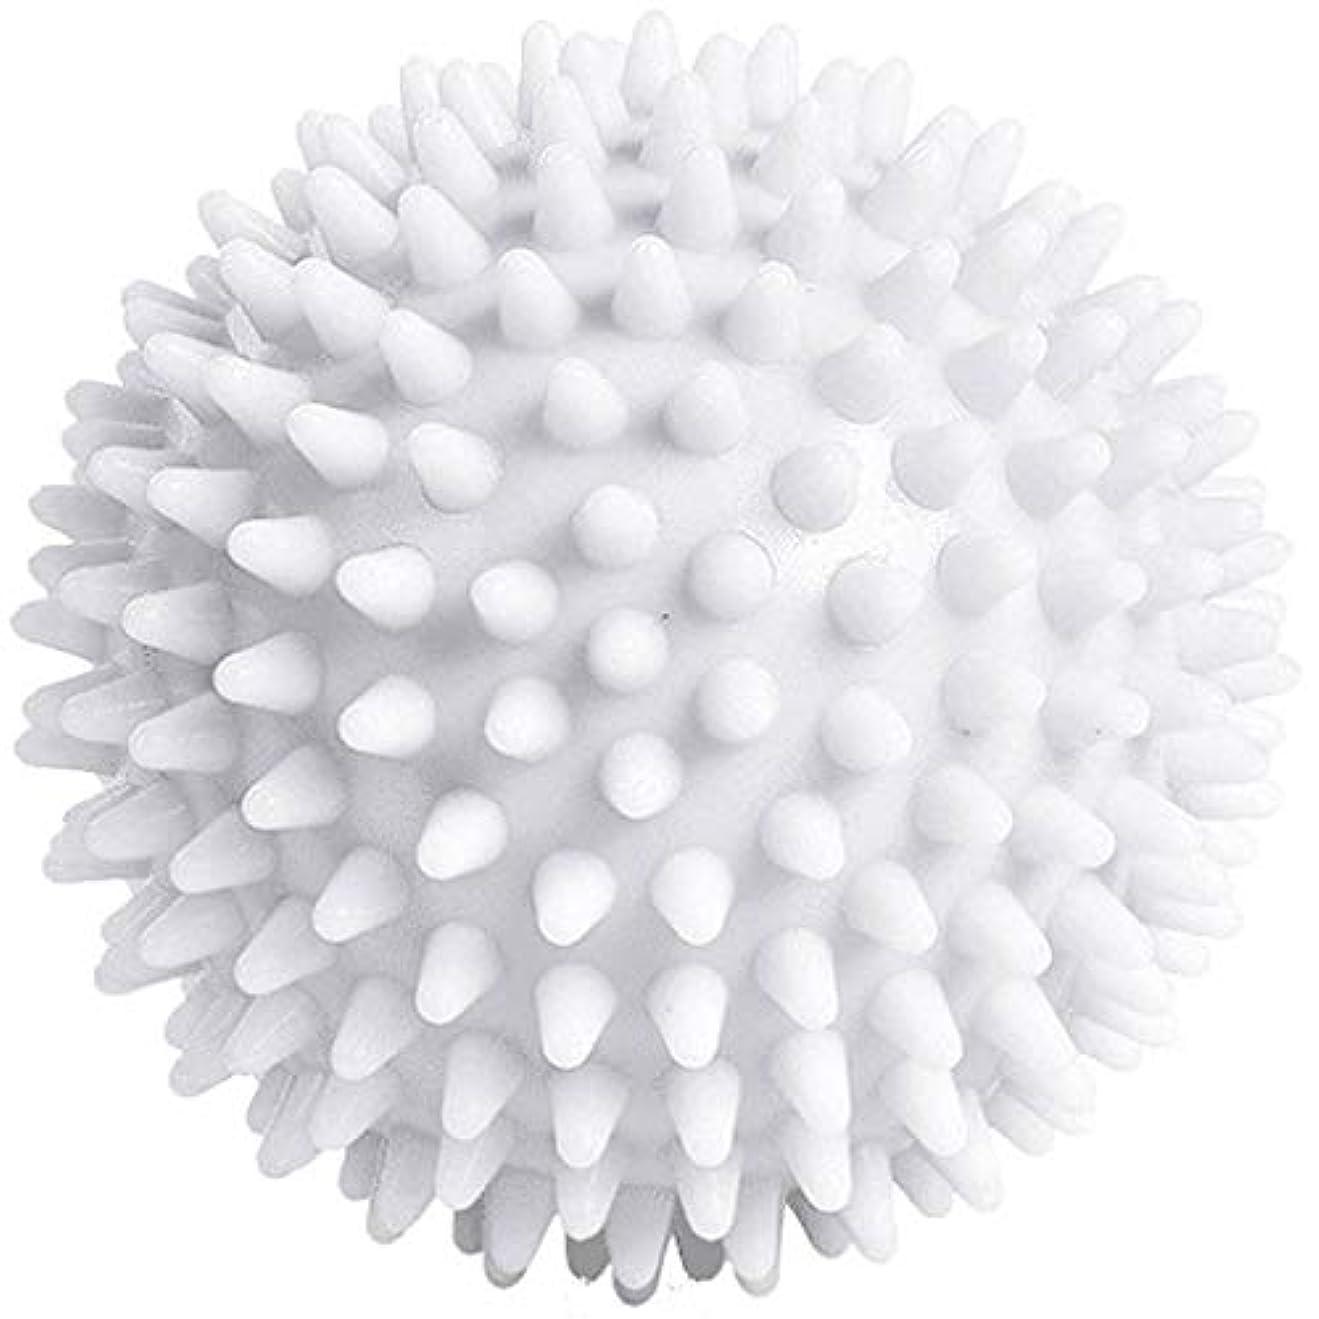 Suika Suika リフレックスボール 触覚ボール 足裏手 背中のマッサージボール リハビリ マッサージ用 血液循環促進 筋肉緊張 圧迫で解きほぐす